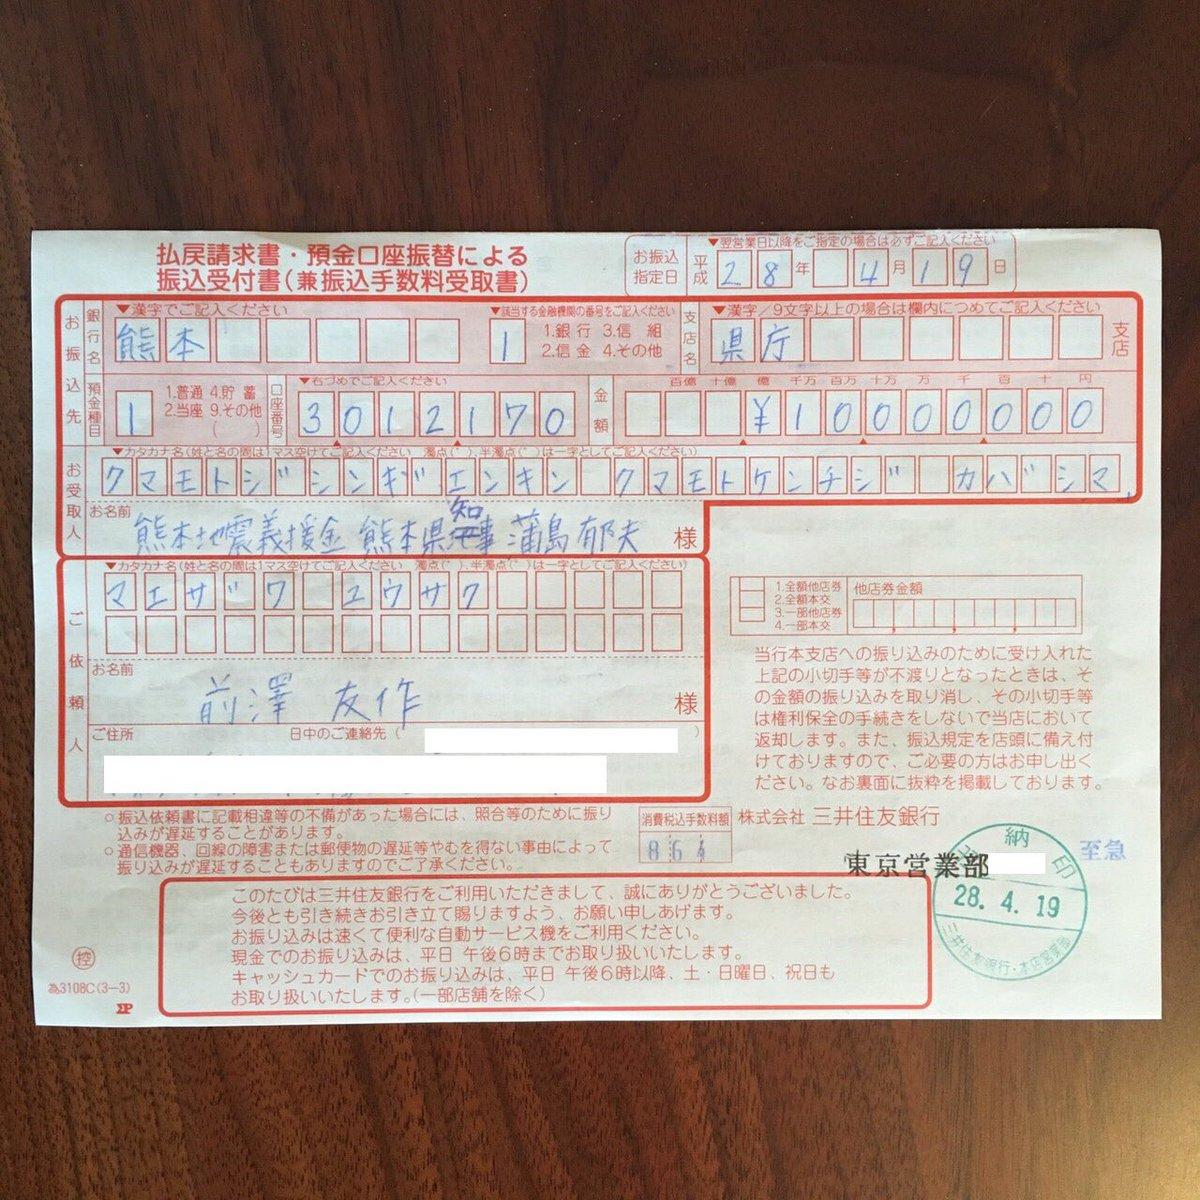 熊本県に1000万円寄付しました。  #誤字ごめんなさい https://t.co/hlaqqRejVh